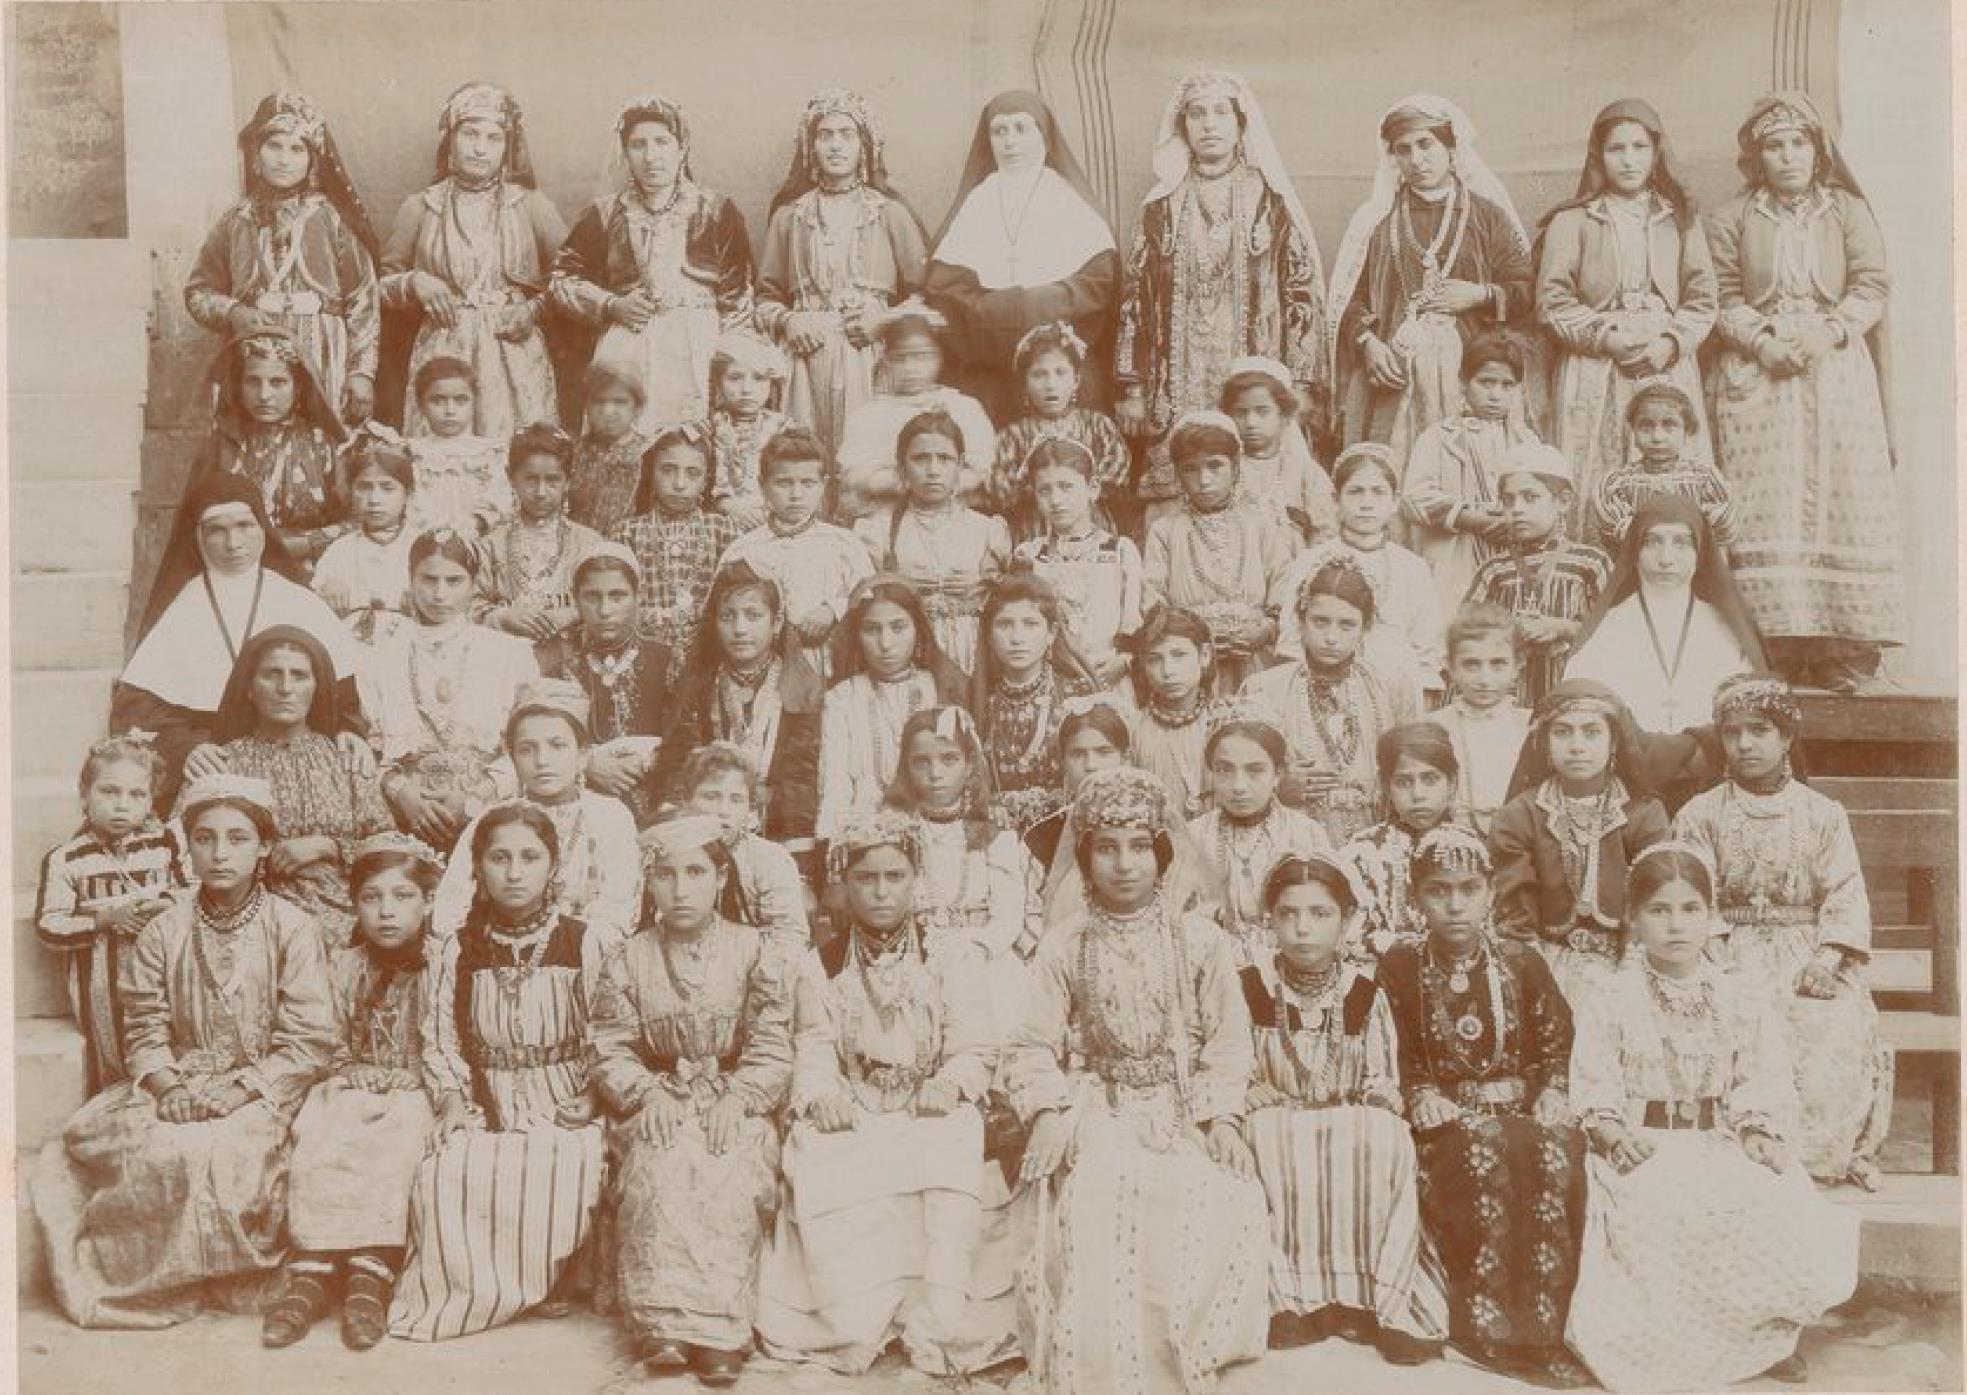 Урфа. Францисканские монахини, учителя и ученики миссионерской школы